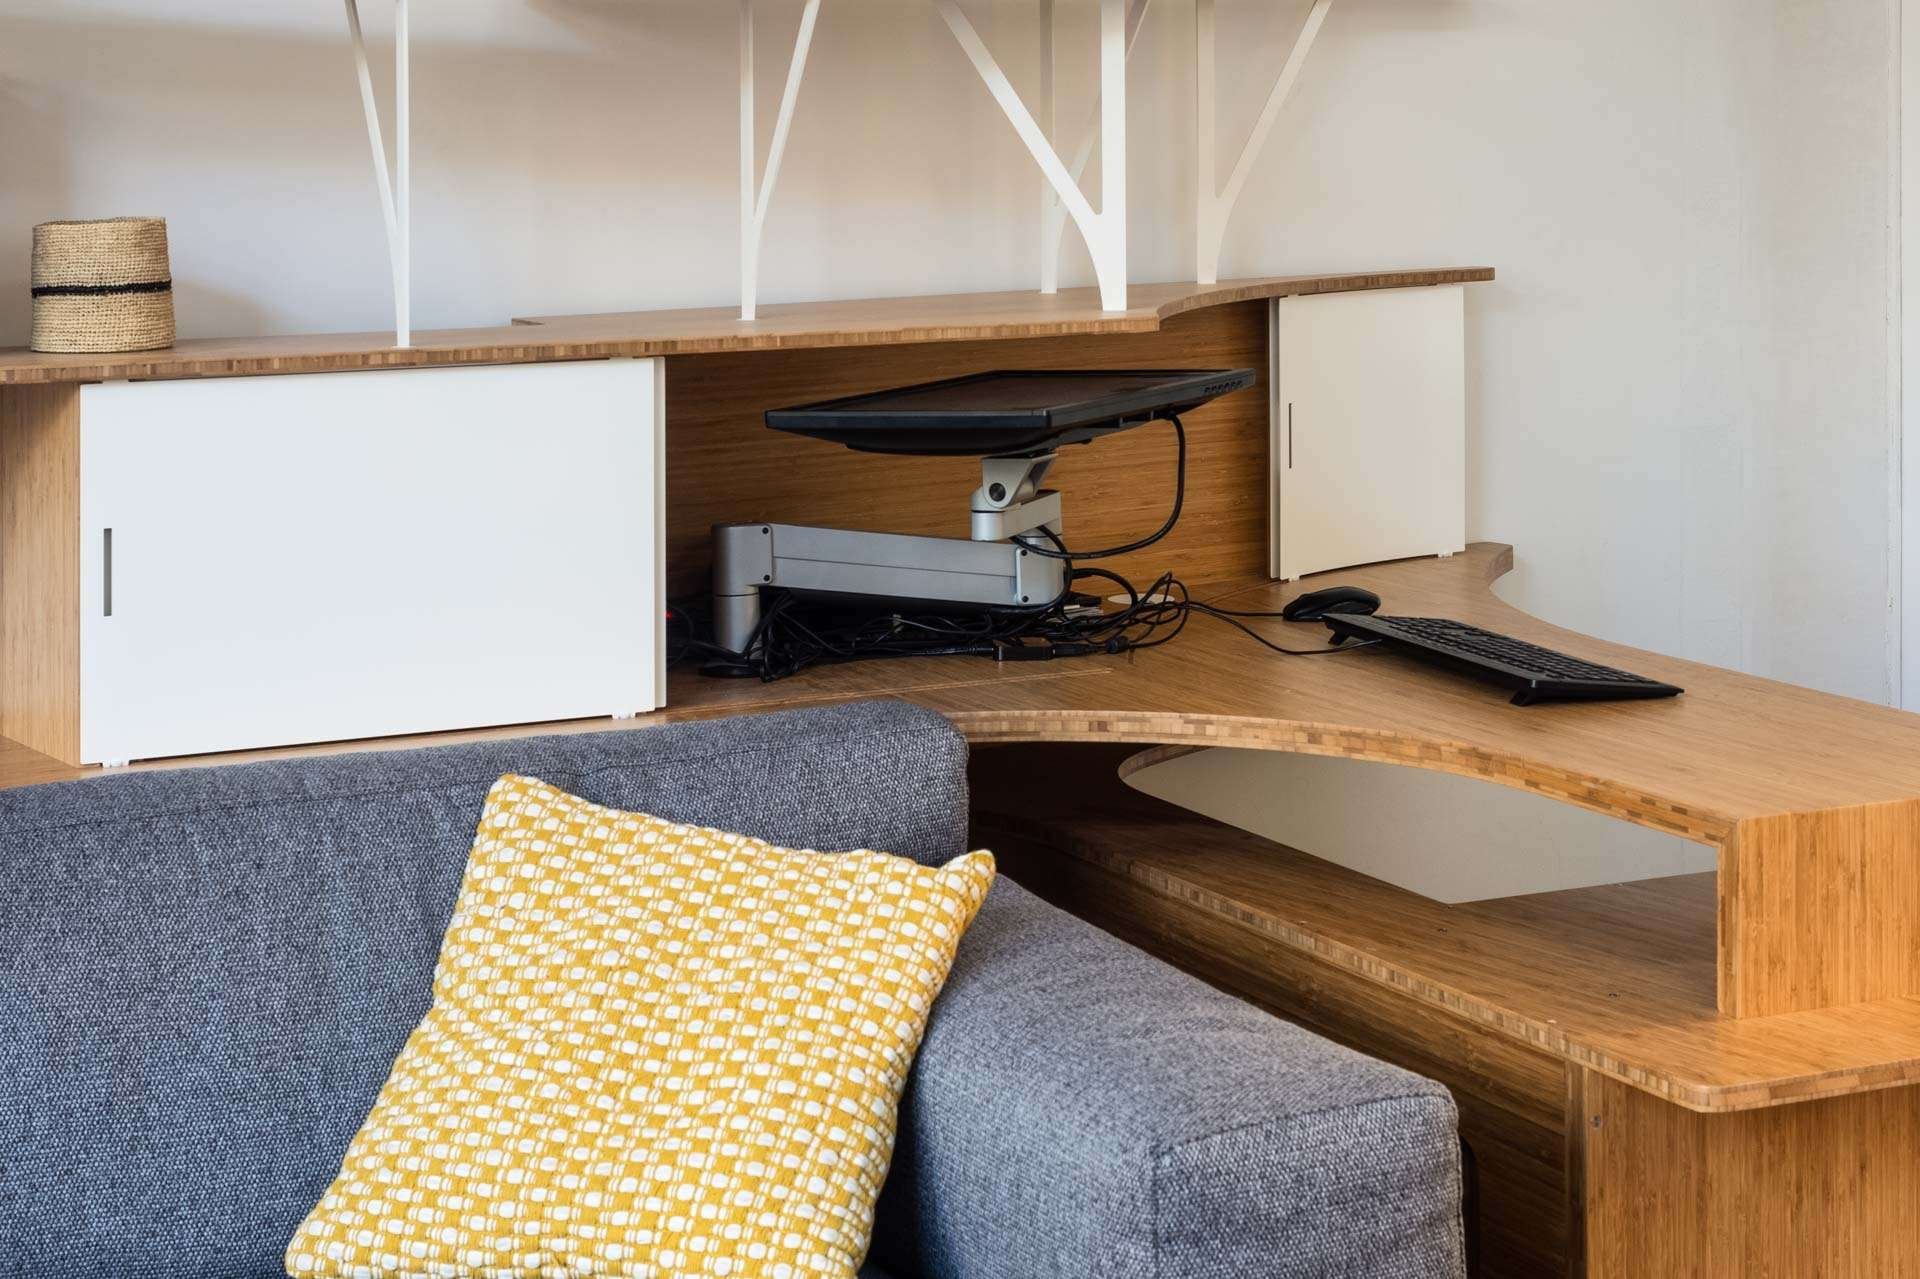 Bureau à ordinateur escamotable et biblitohèque Curve Wood & Steel